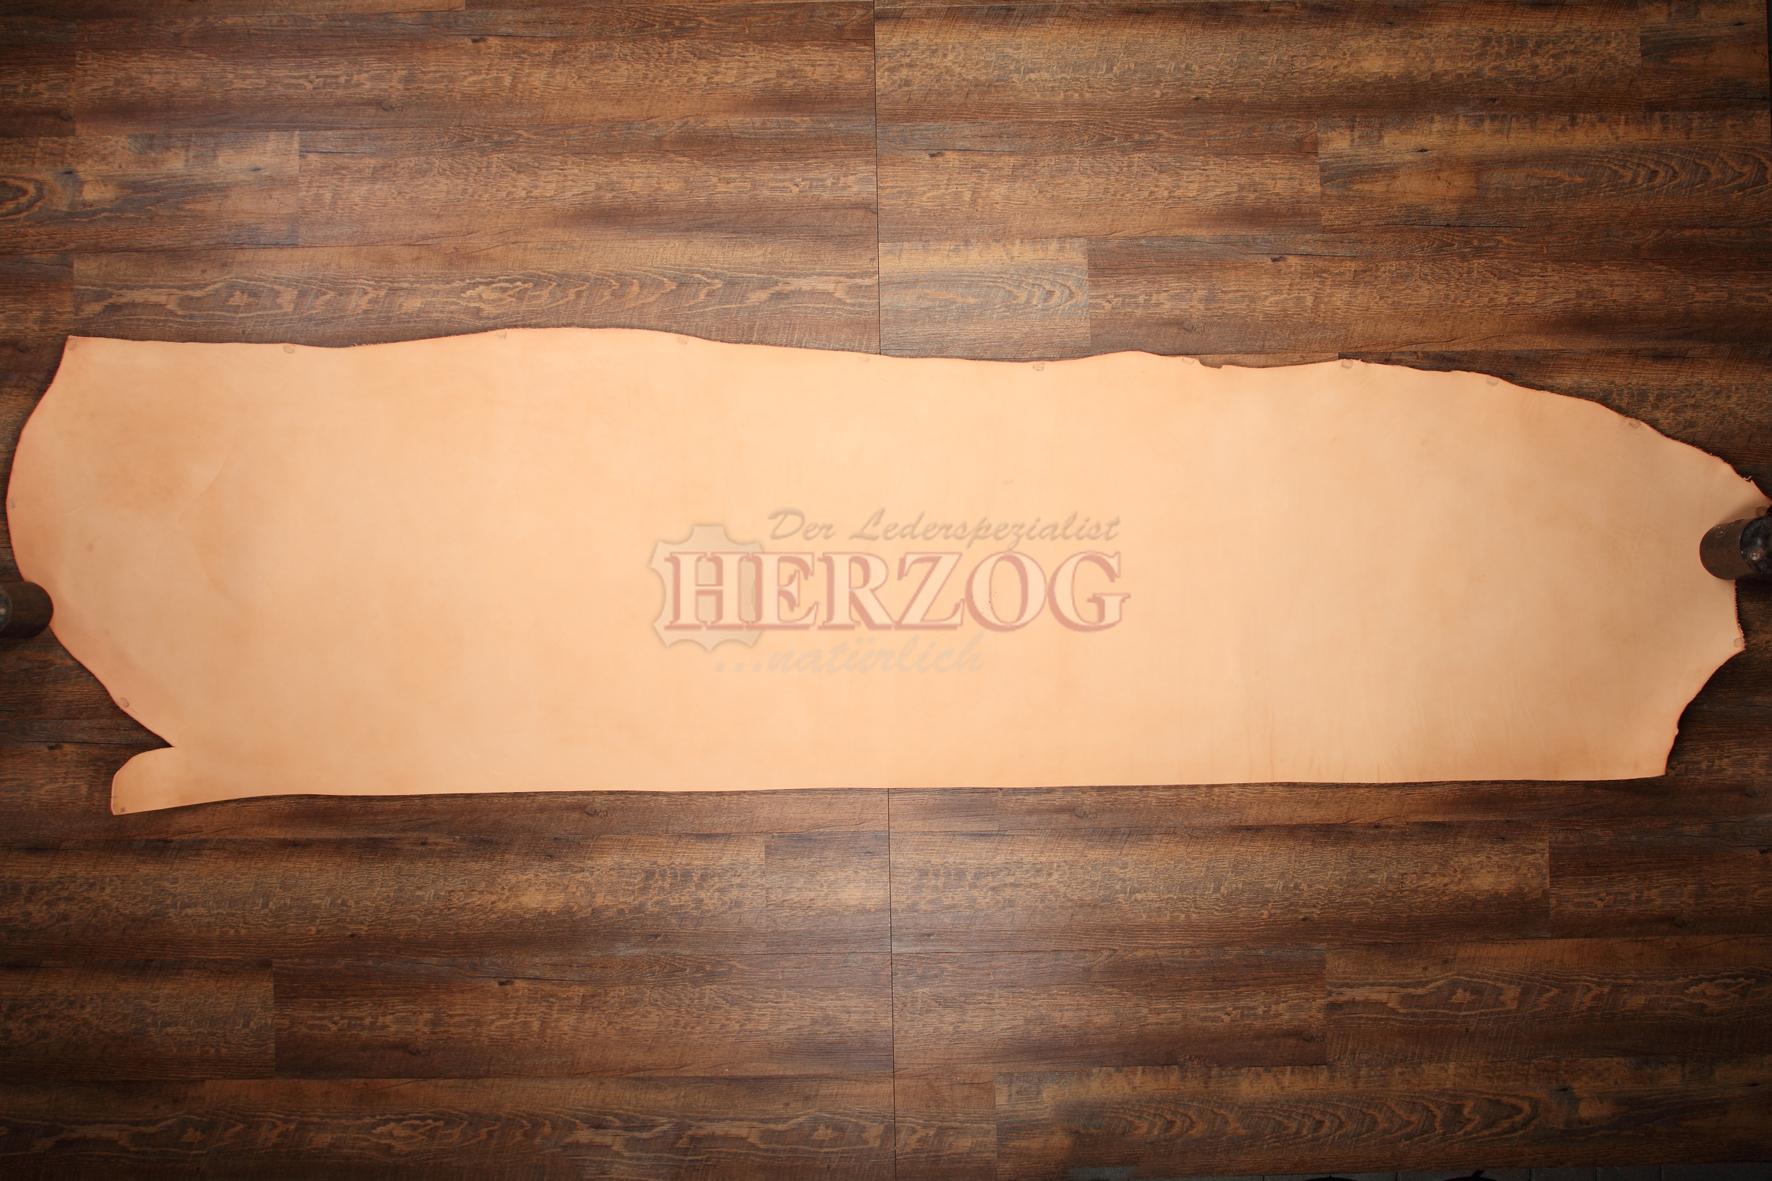 Herzog Fahlleder (Hals)